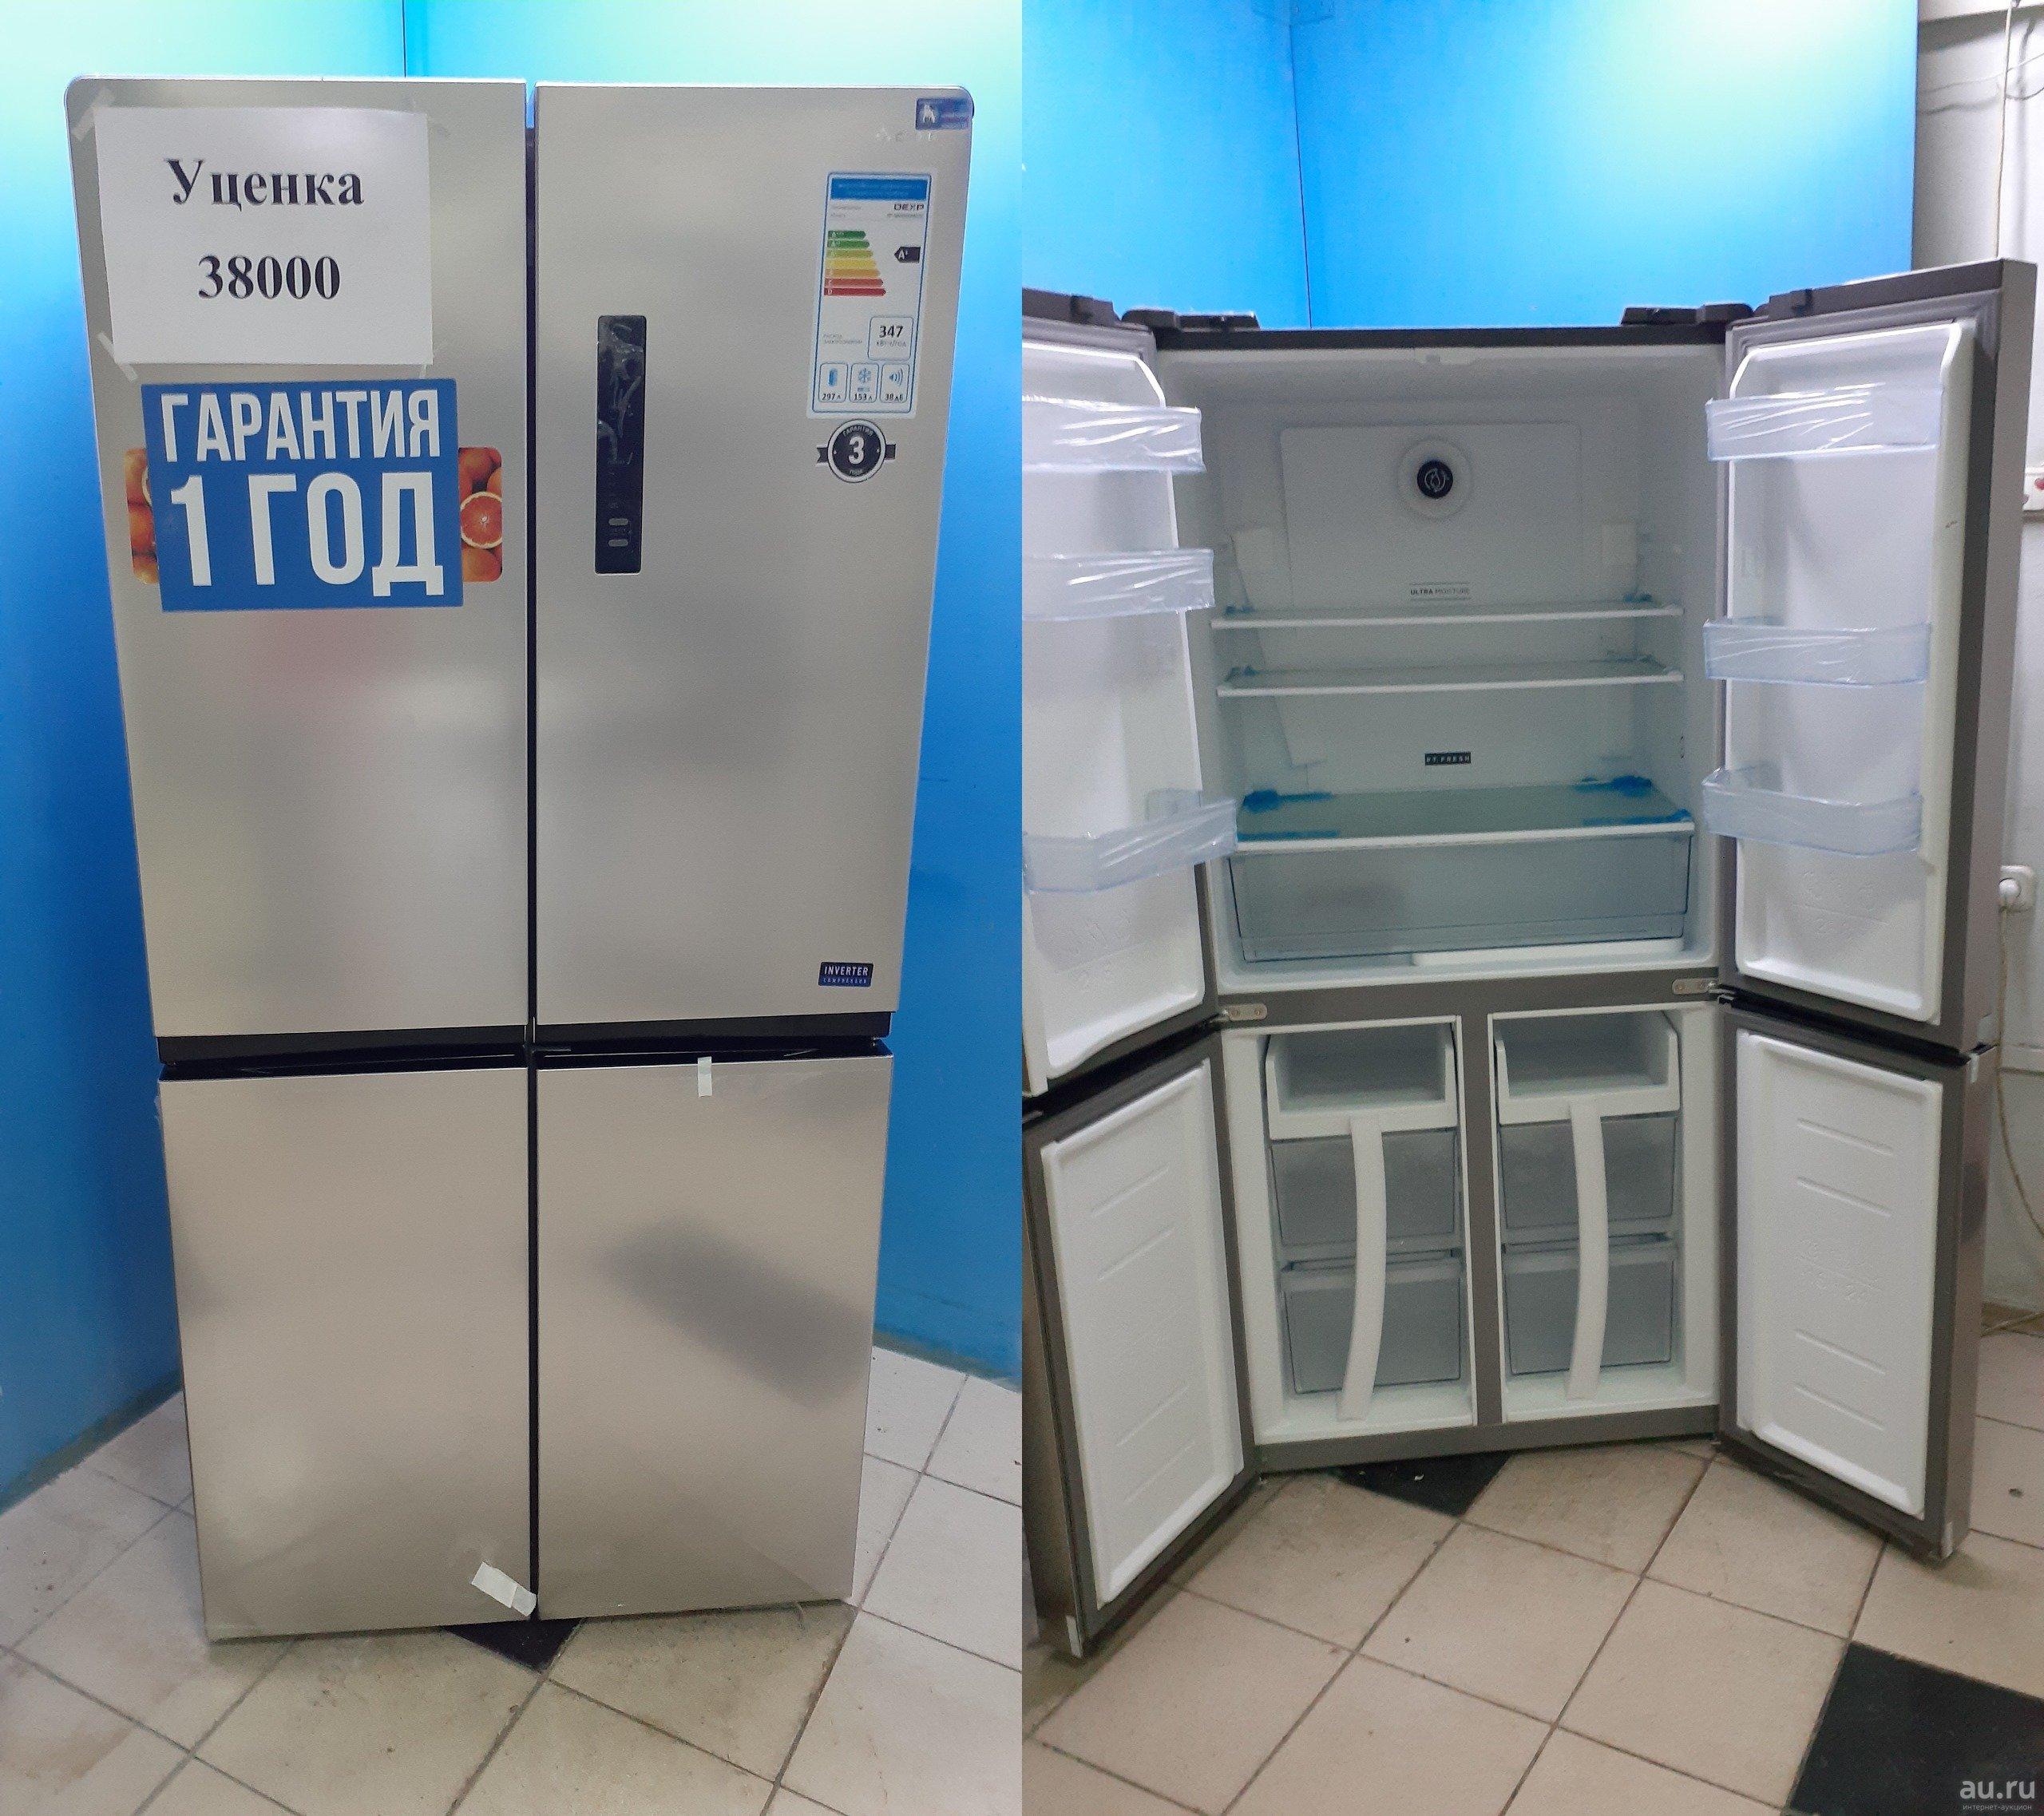 Российский марки холодильников из китая: позорный список?